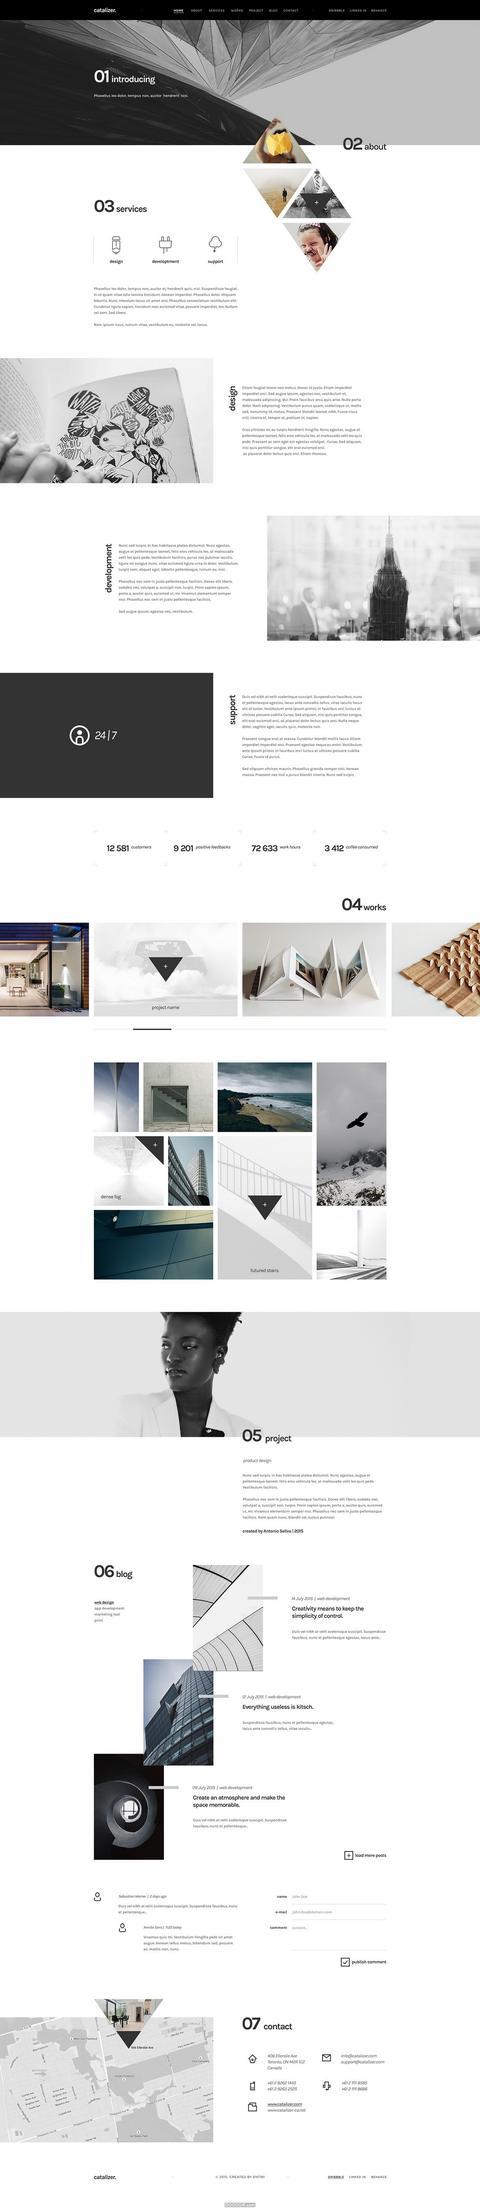 黑白配色创意网页设计